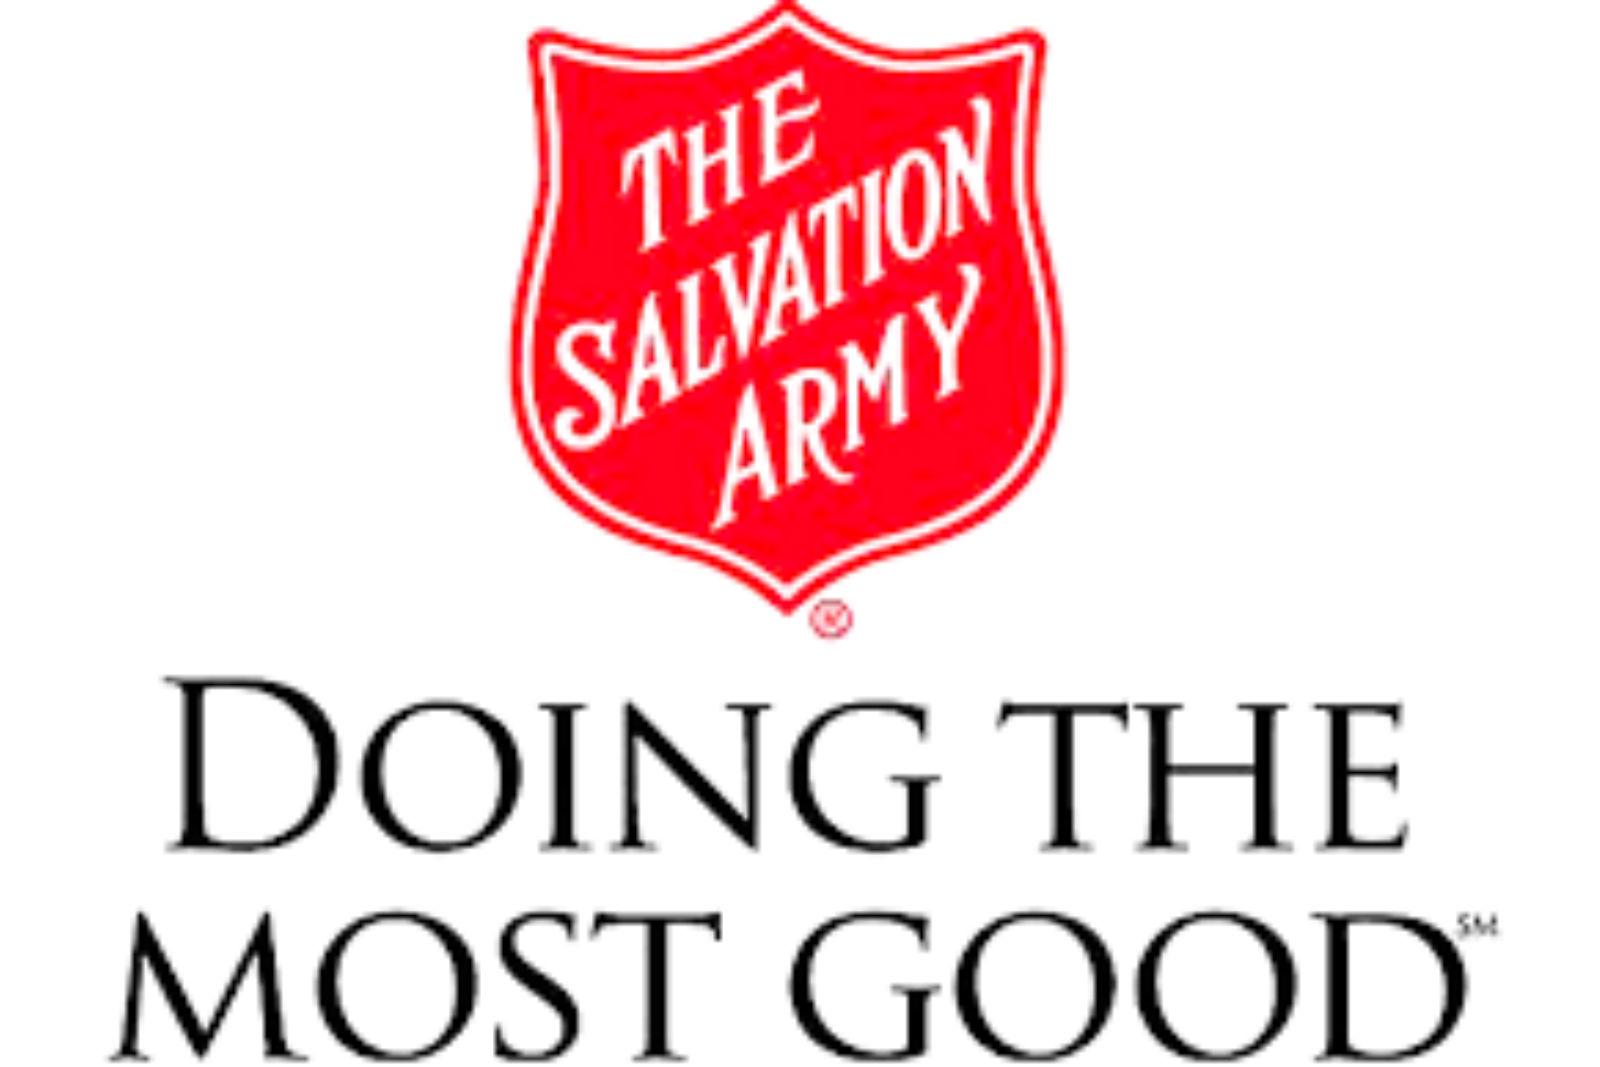 salvationarmy.com